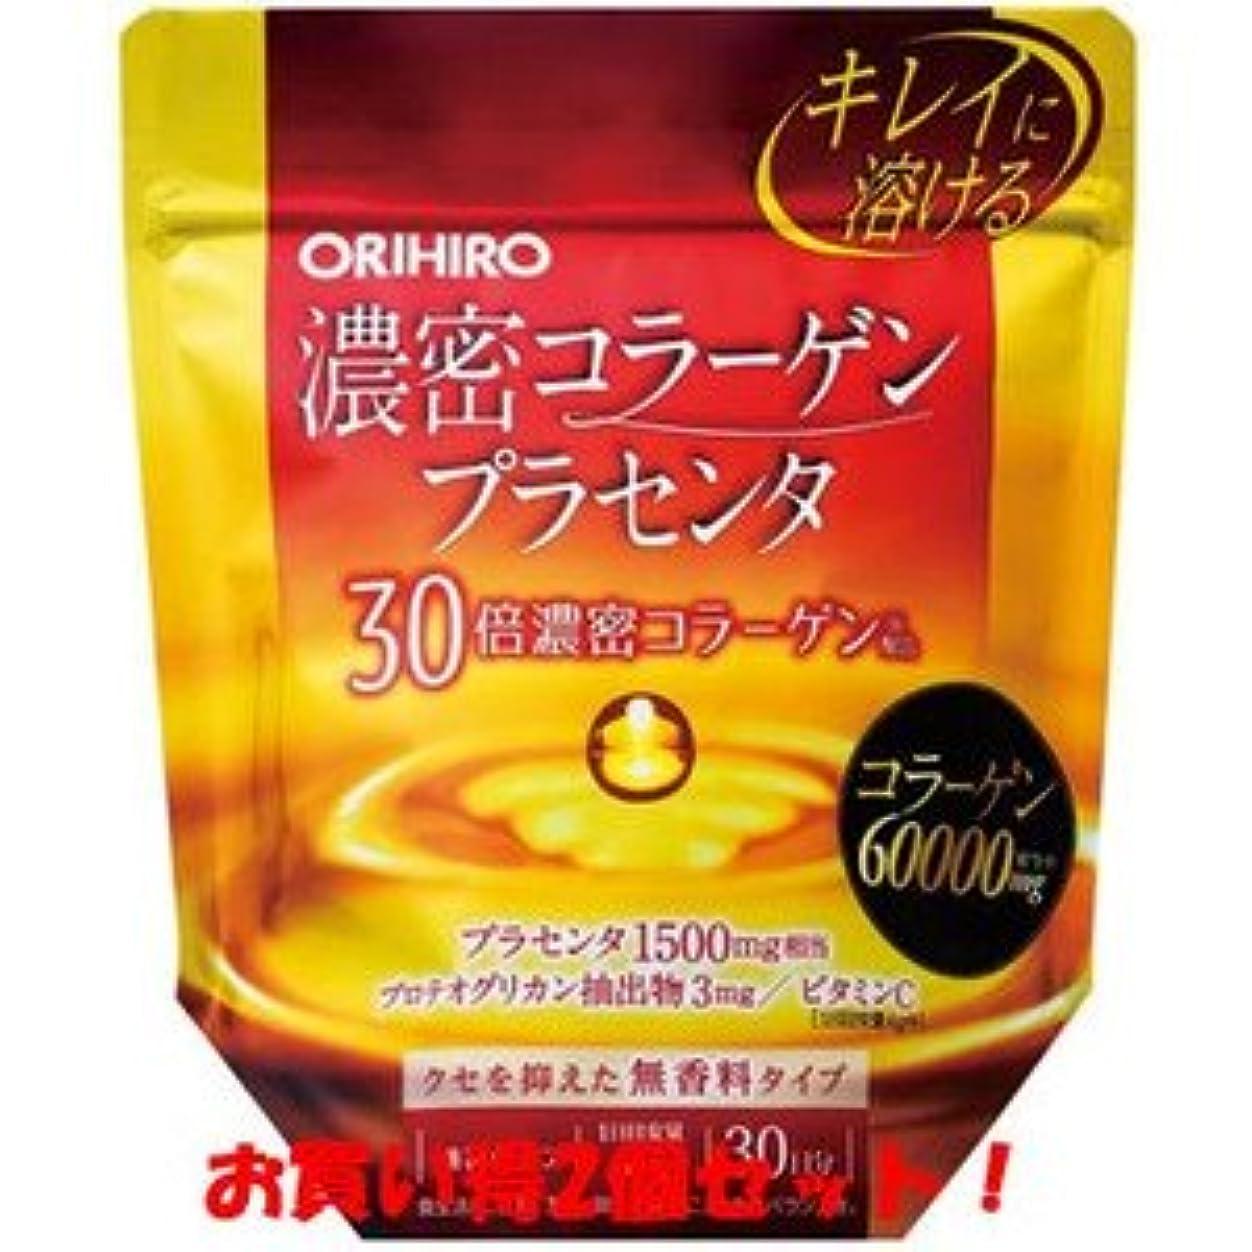 全員スキャンダラス発音(オリヒロ)濃密コラーゲンプラセンタ 120g 120g/新商品/ダイエット/(お買い得2個セット)